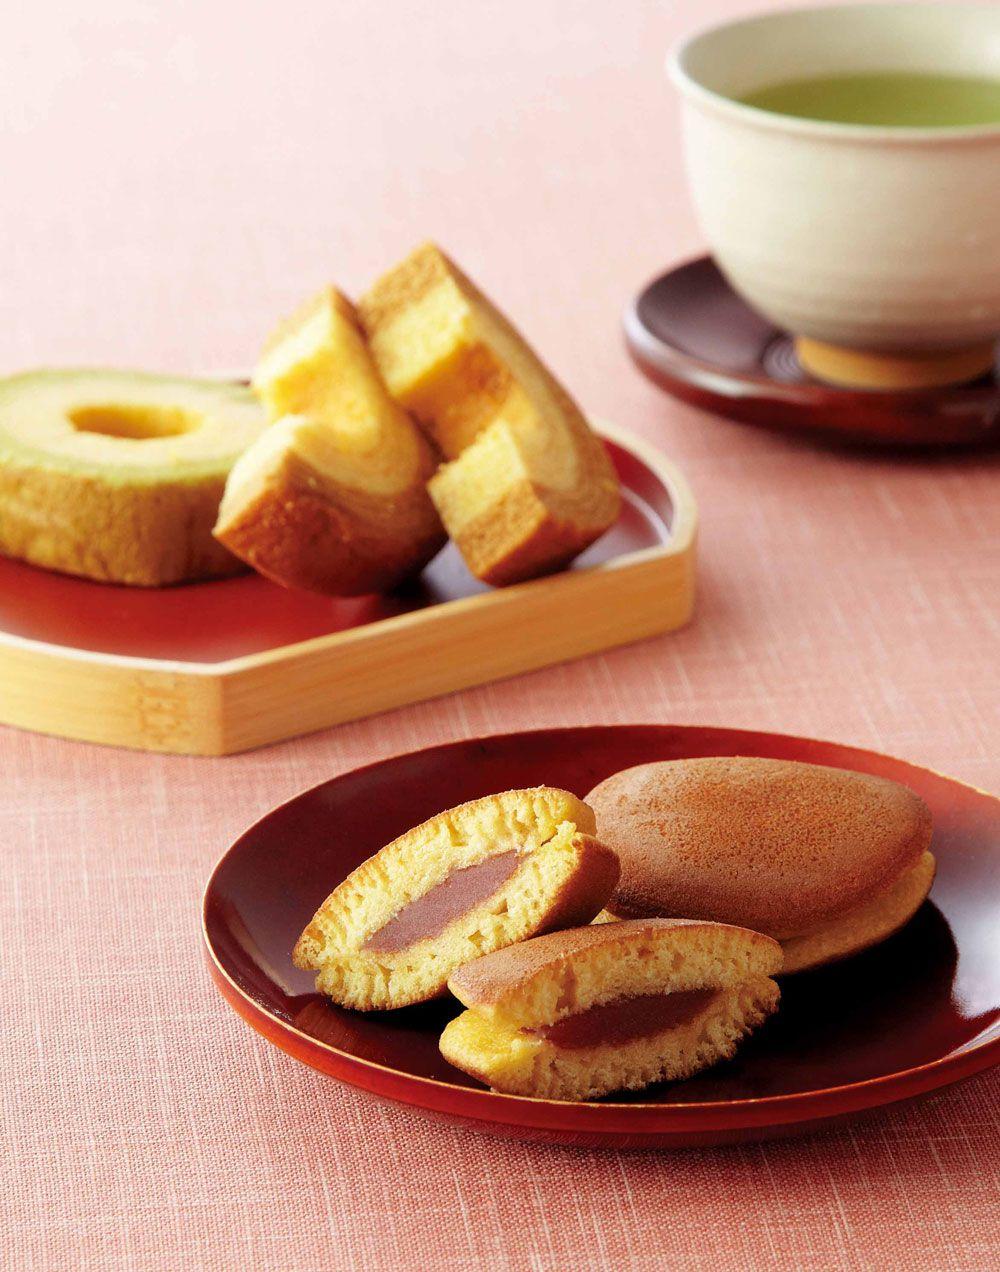 もらって嬉しい甘いものは引き菓子の起源